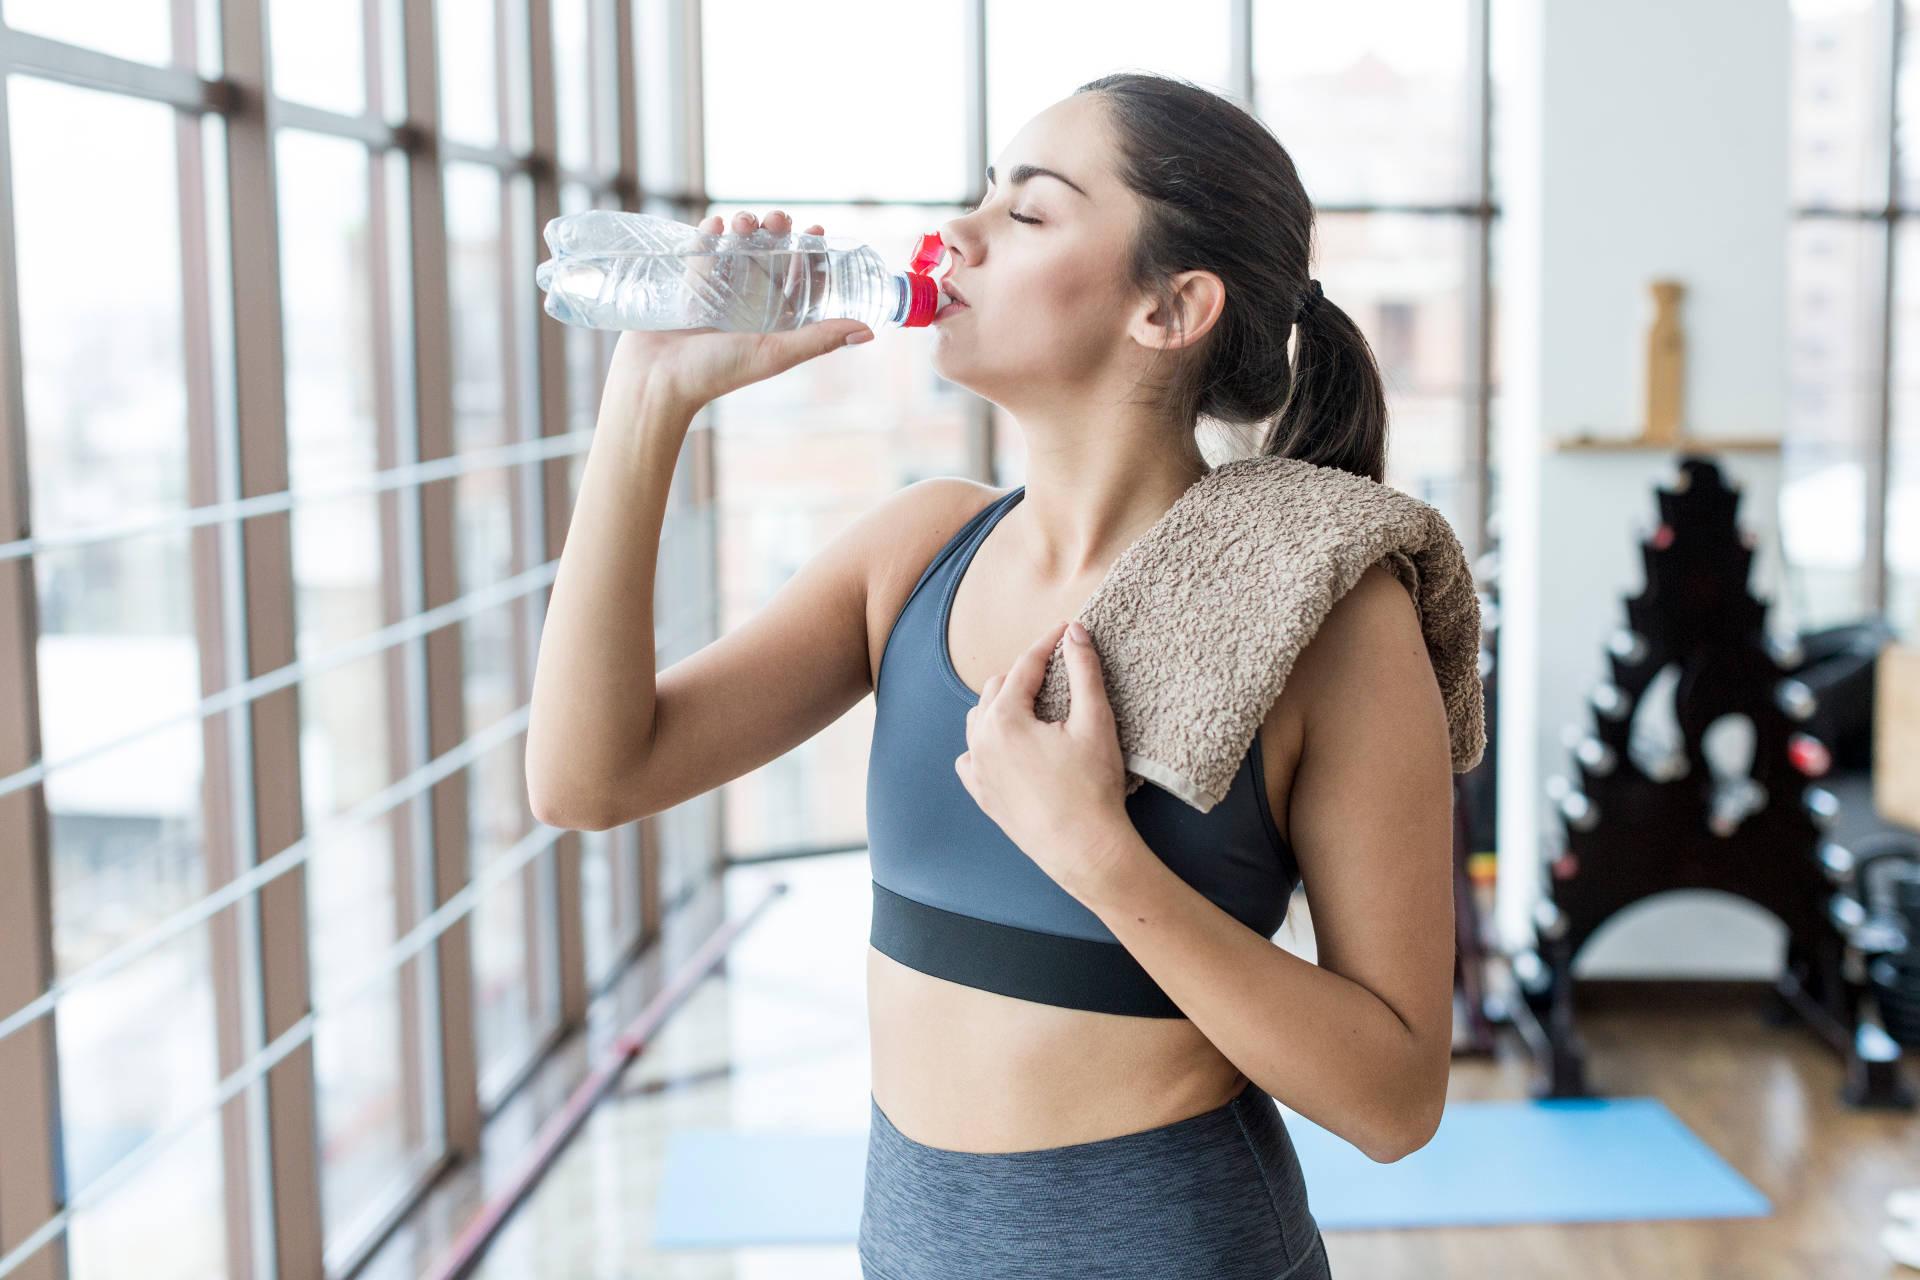 Vliv hydratace na silové výkony, energii a růst svalové hmoty